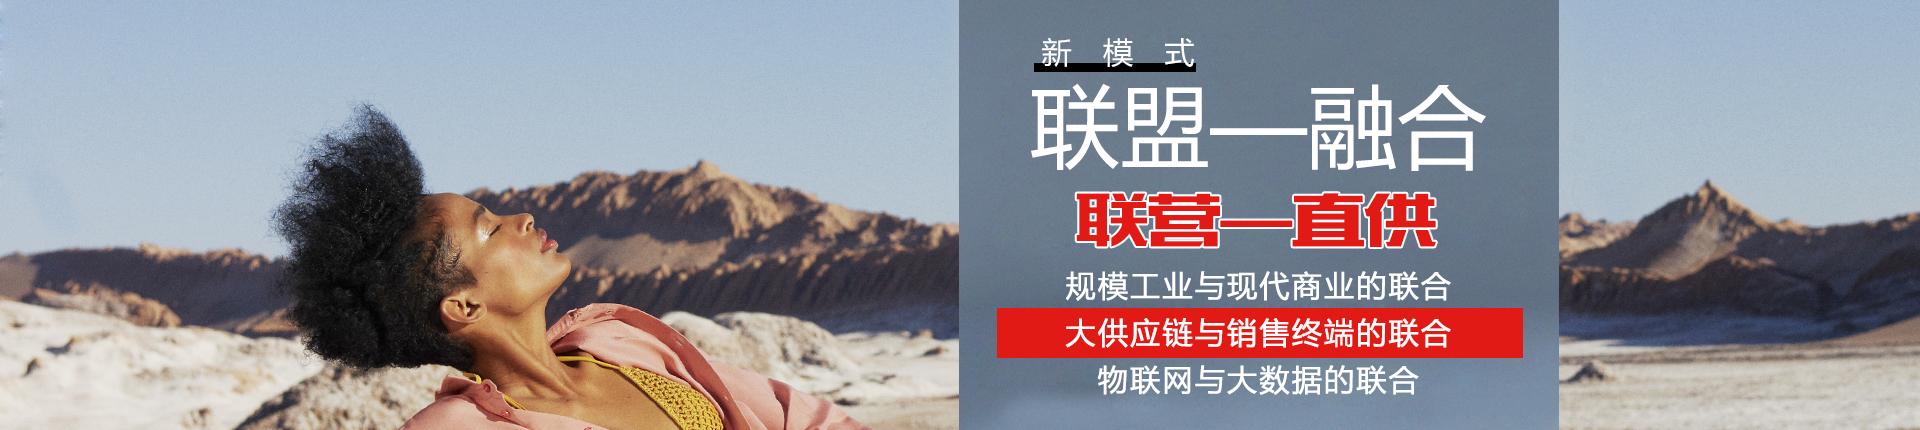 爱波路官方网站